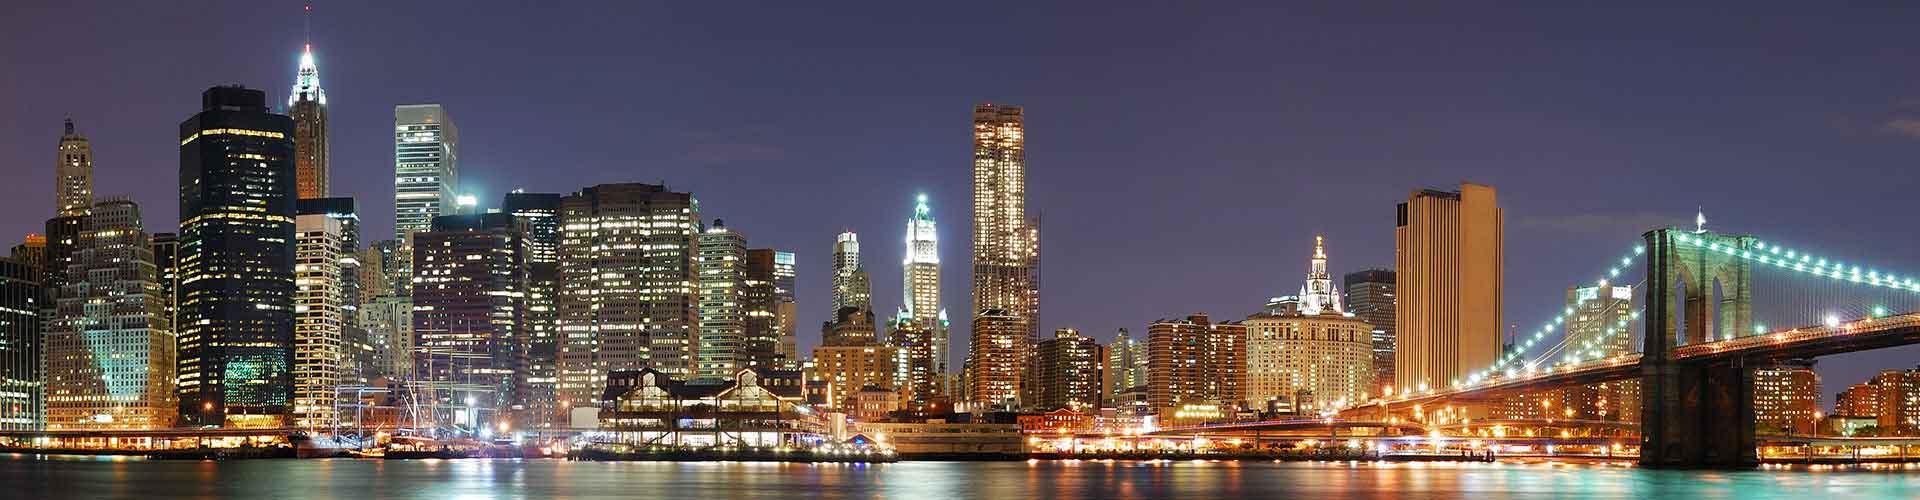 ニューヨーク – 部屋 ニューヨーク. 地図 ニューヨーク, すべてのホステルの写真とレビュー ニューヨーク.